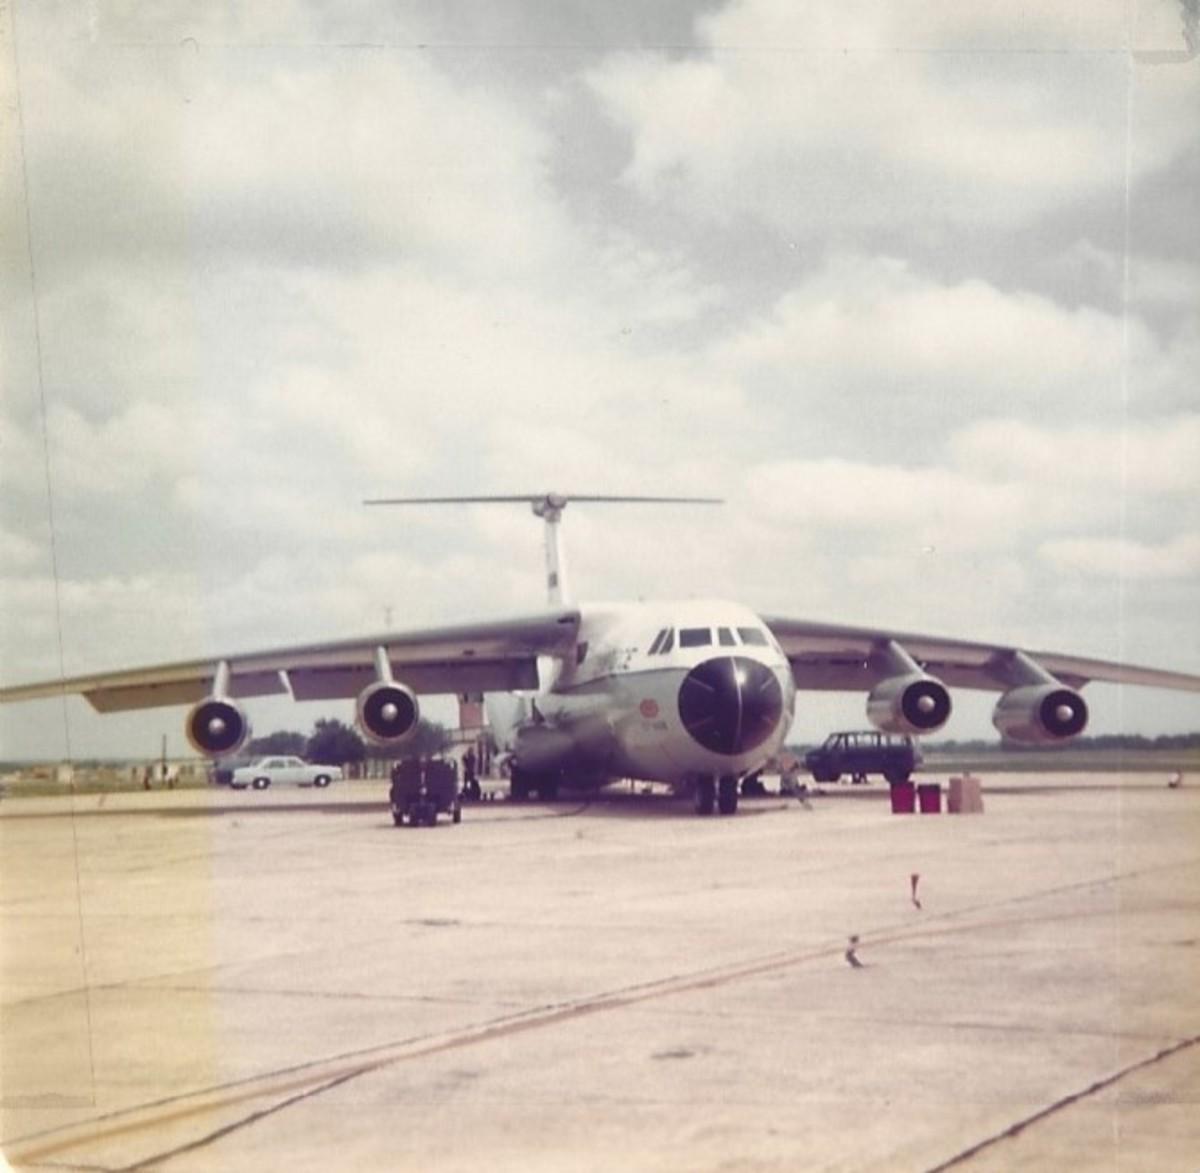 A C-141A at Randolph AFB, circa 1978.